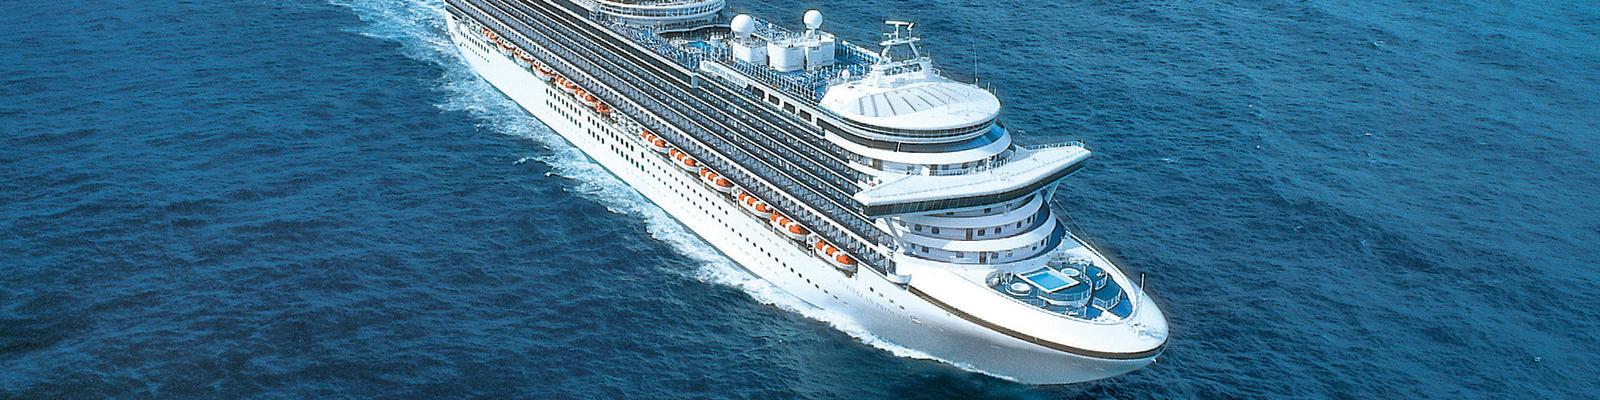 Caribbean Princess Photo Princess Cruises Caribbean Princess